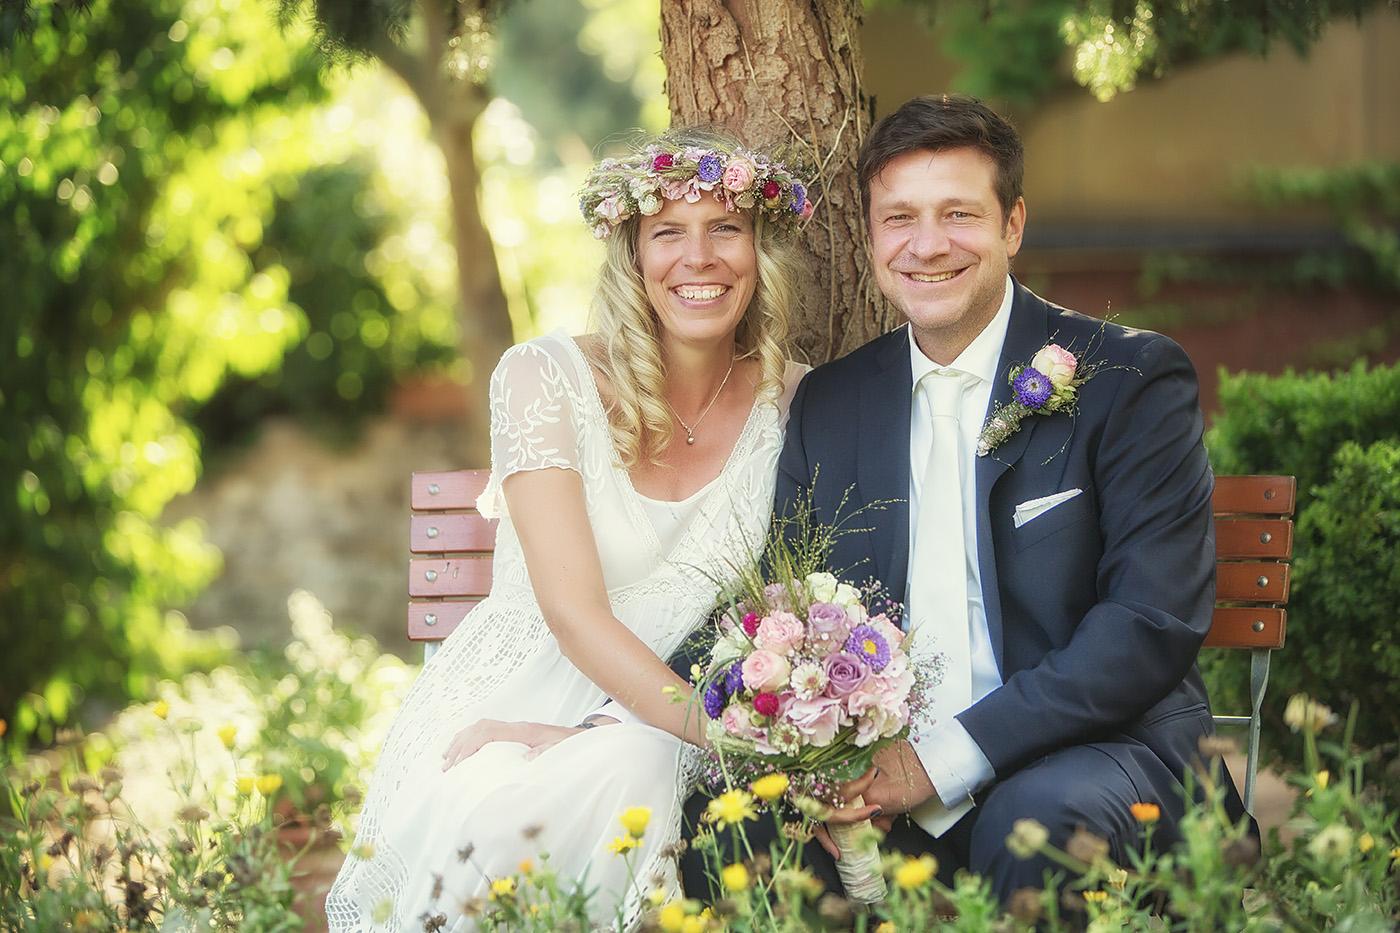 Brautpaar auf einer Bank in einem Blumengarten sitzend